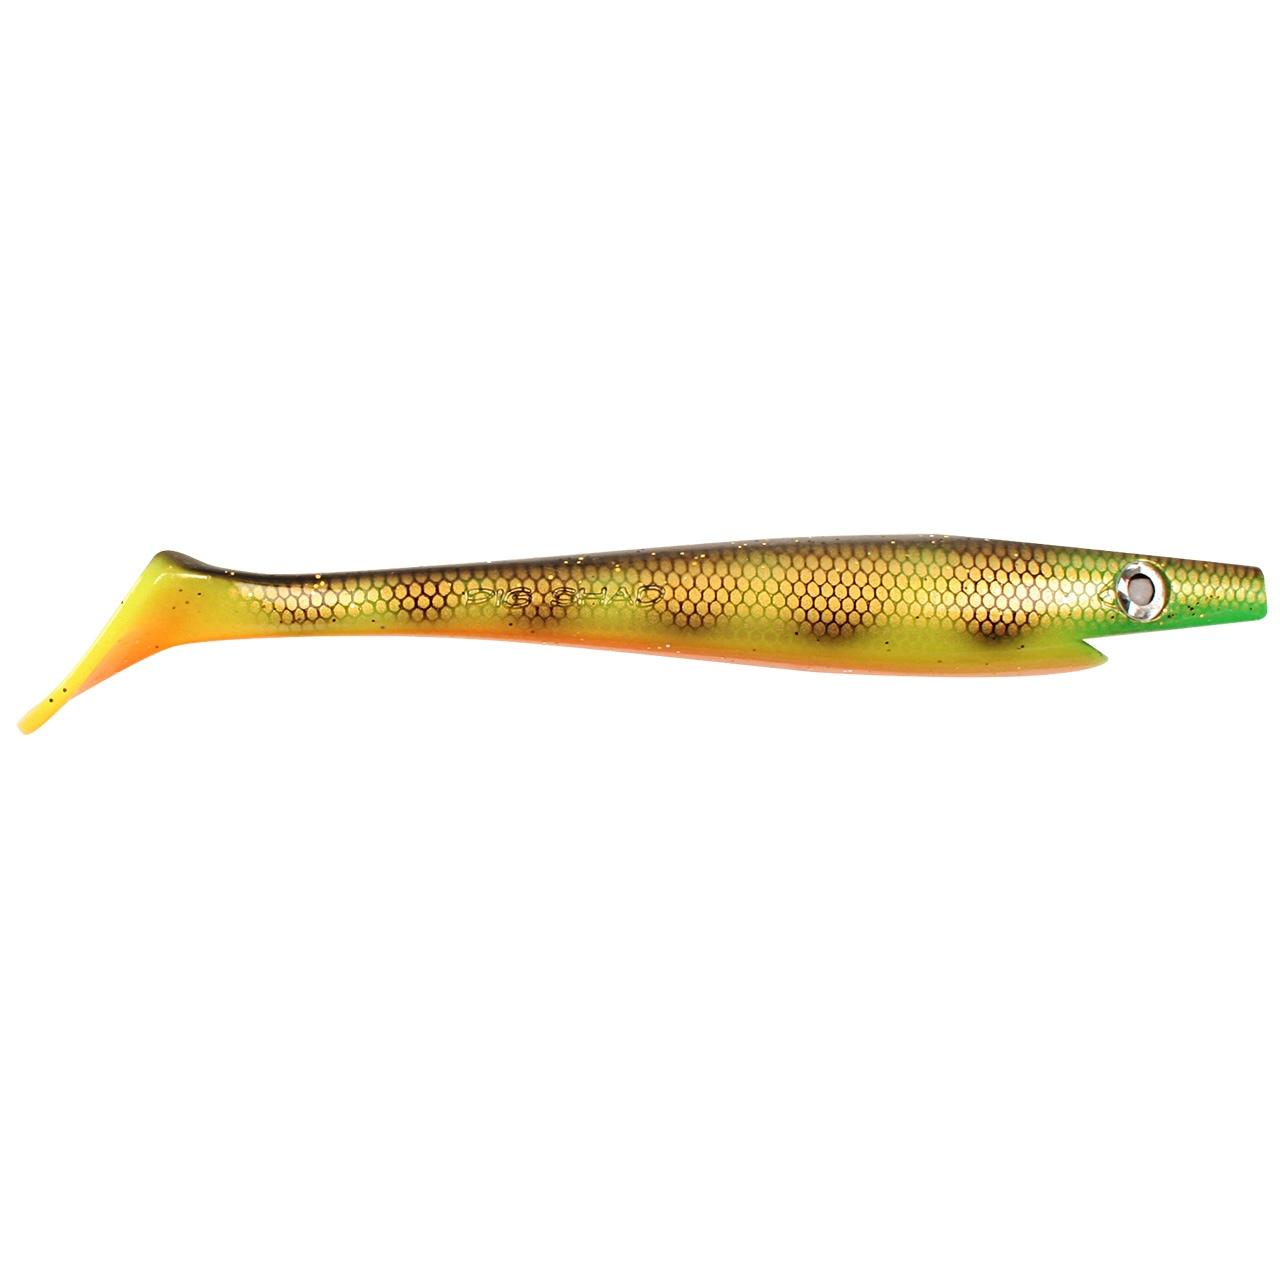 Купить софтбейт Strike Pro Pig Shad SP-172A#C039 Orange Belly Perch в магазине рыболовных снастей Джеркмания